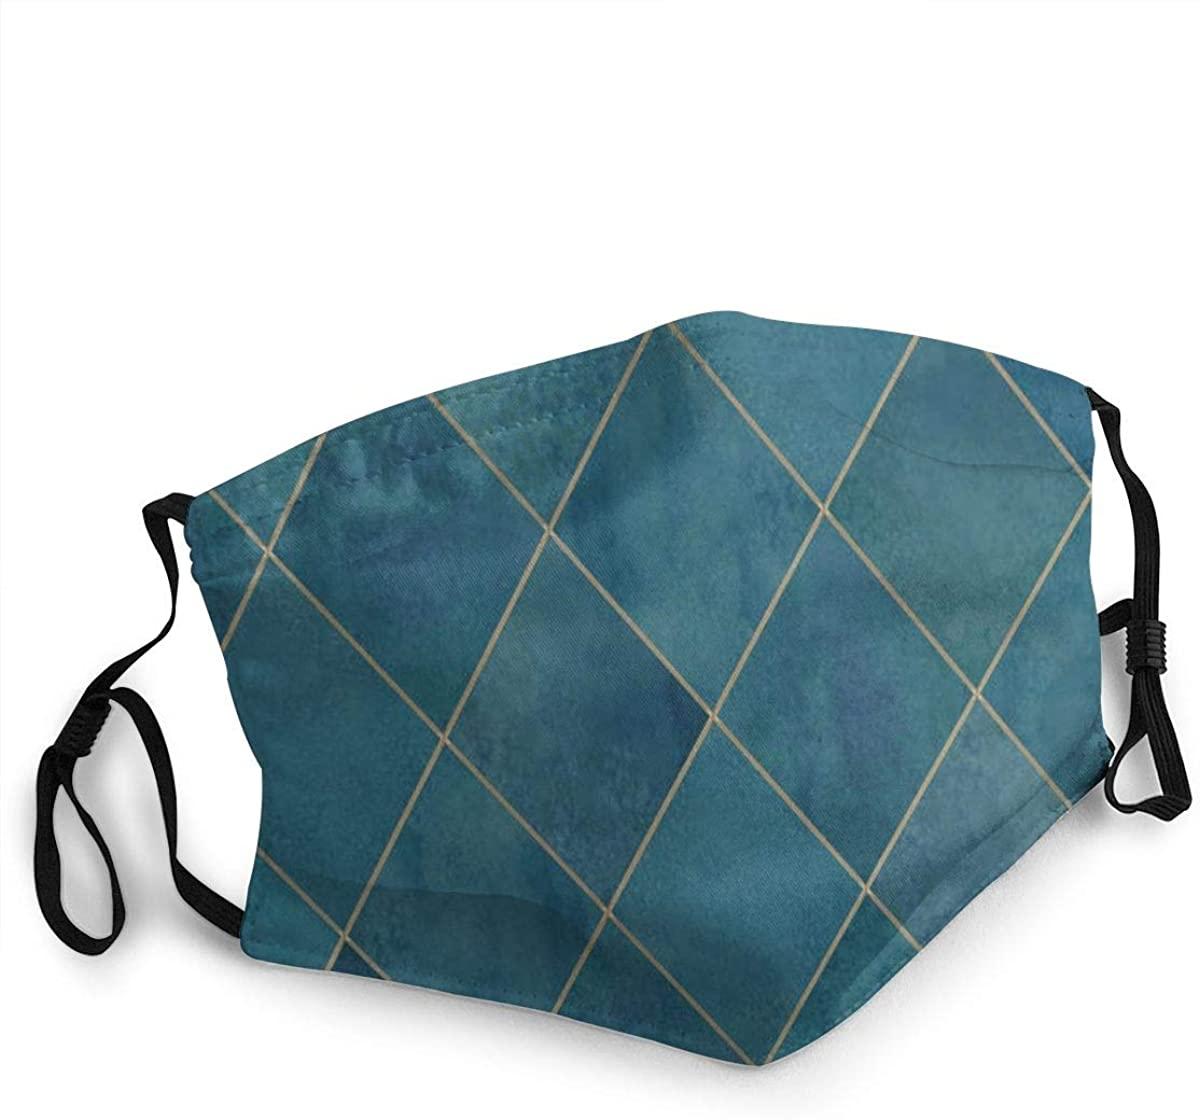 Fashion Protective Face Masks, Argyle Geometric Unisex Dust Mouth Masks, Washable, Reusable Masks